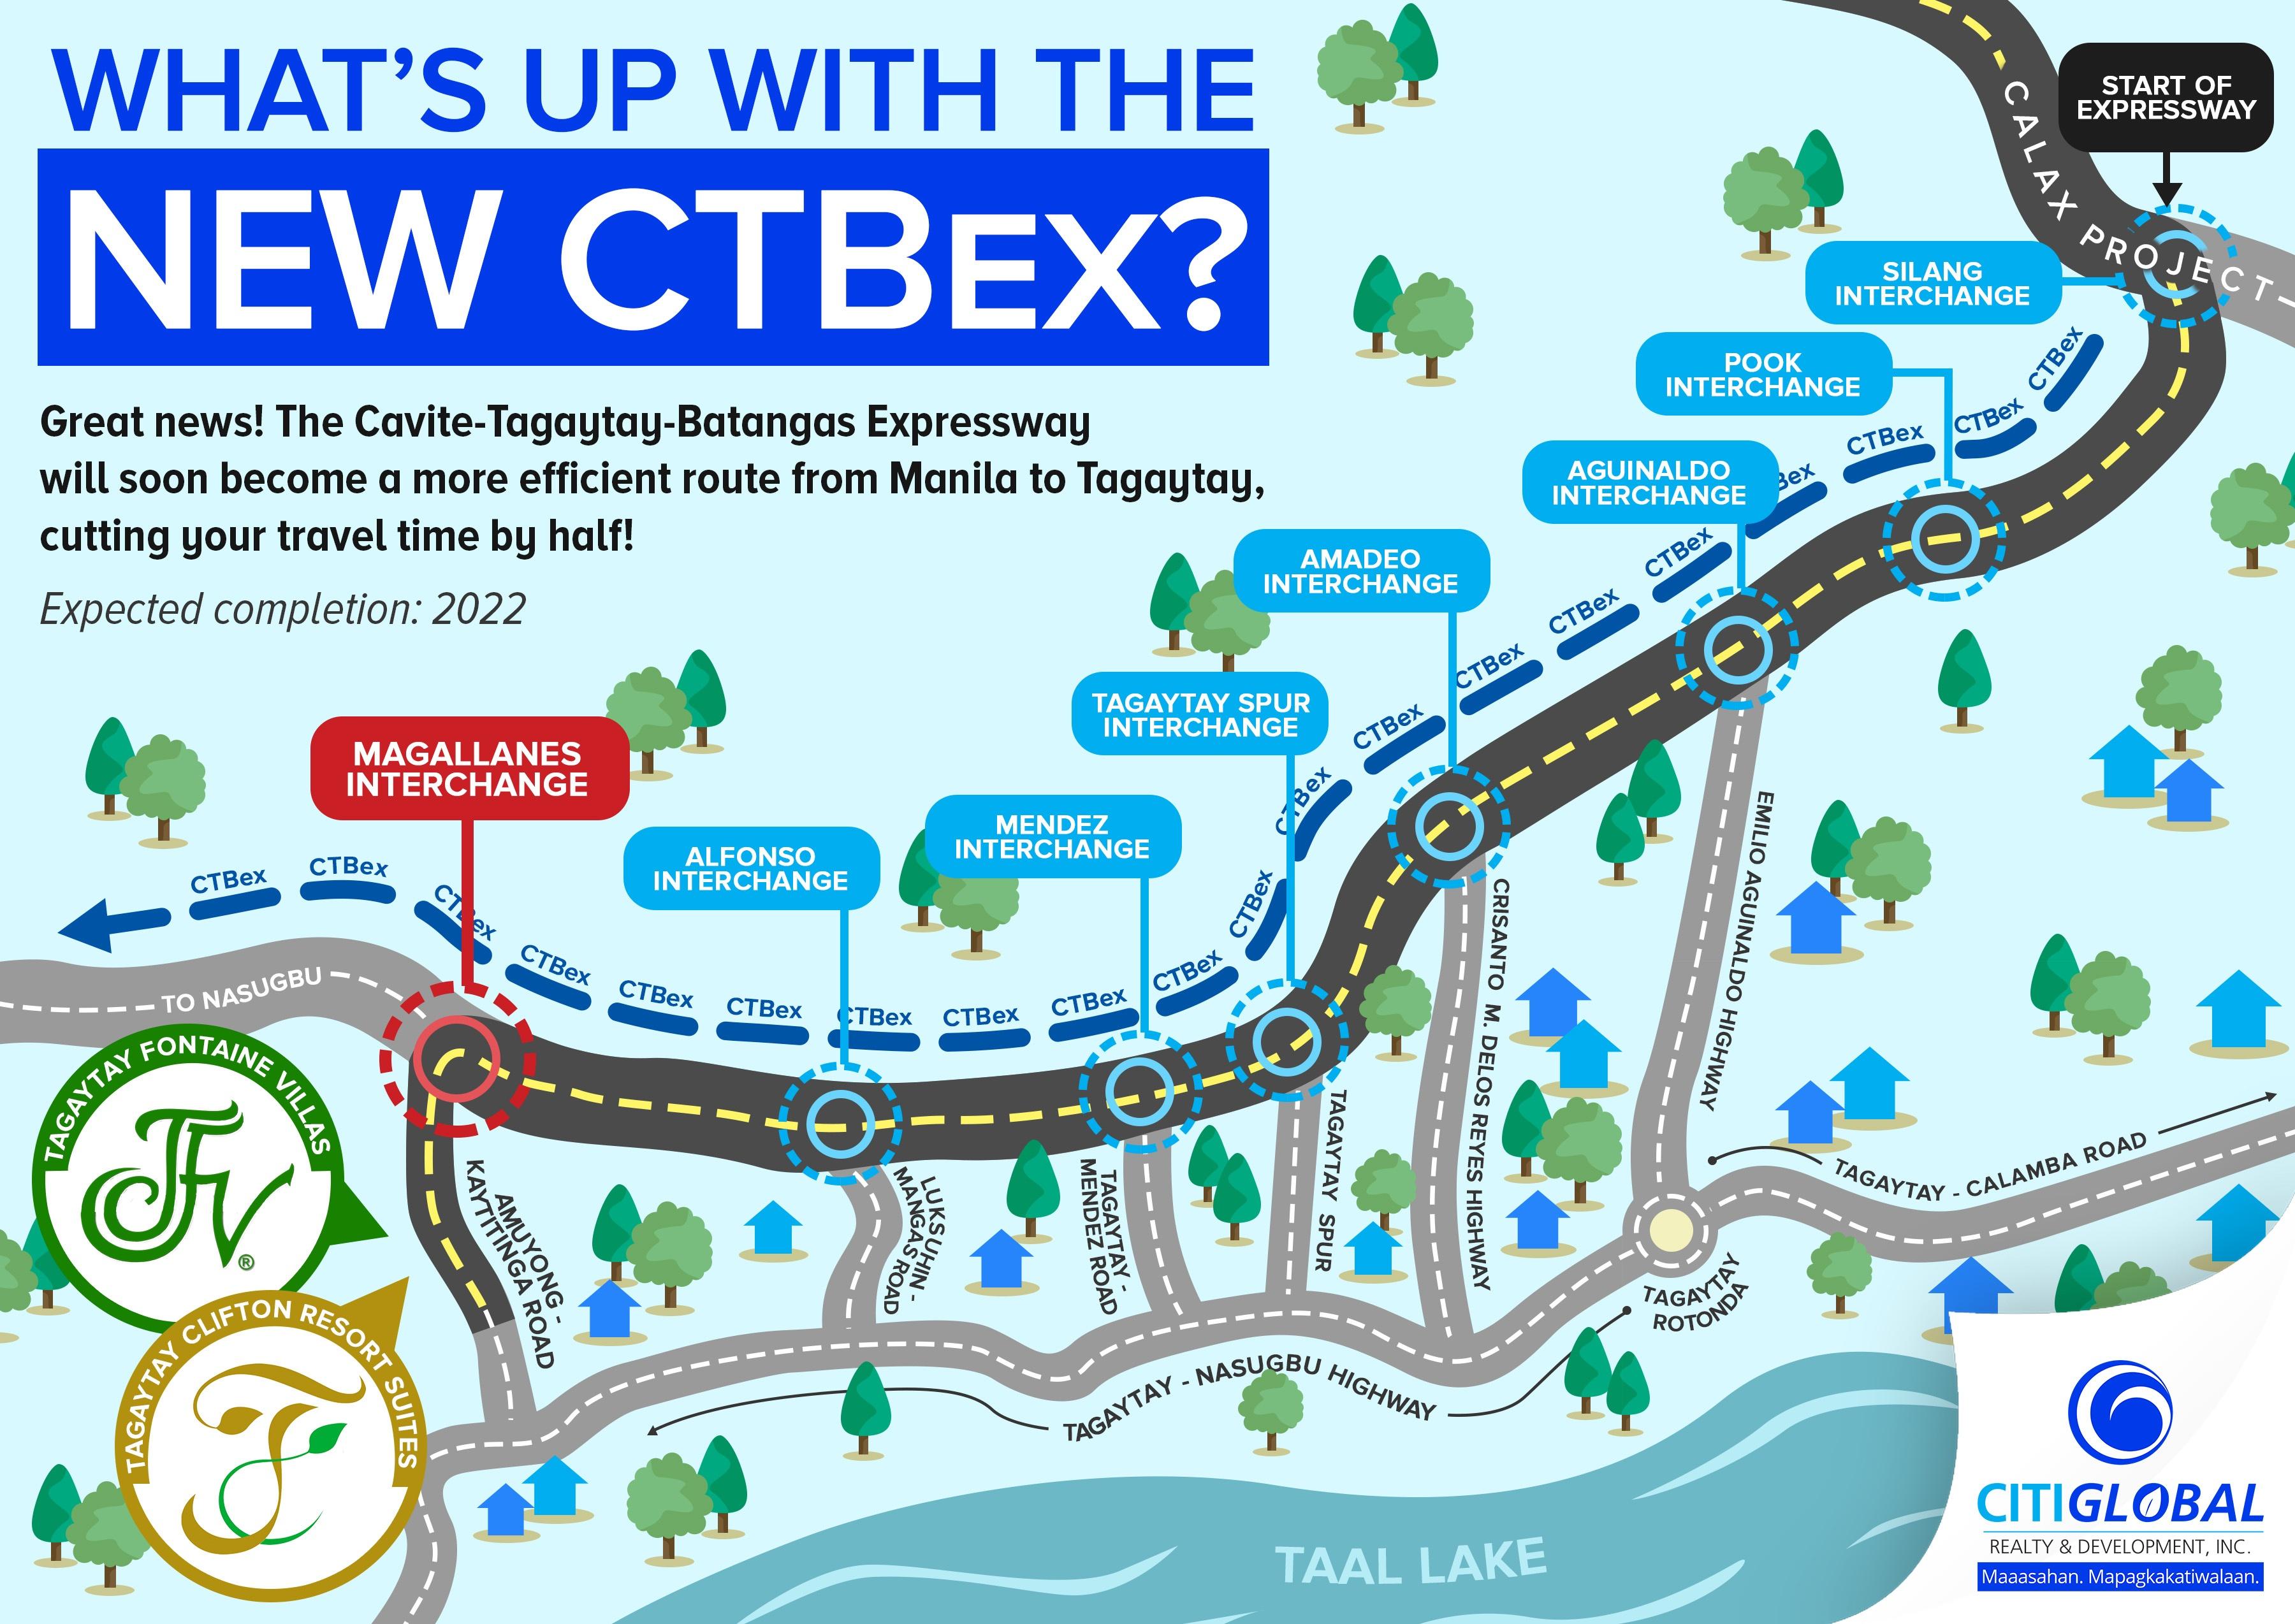 The New CTBex